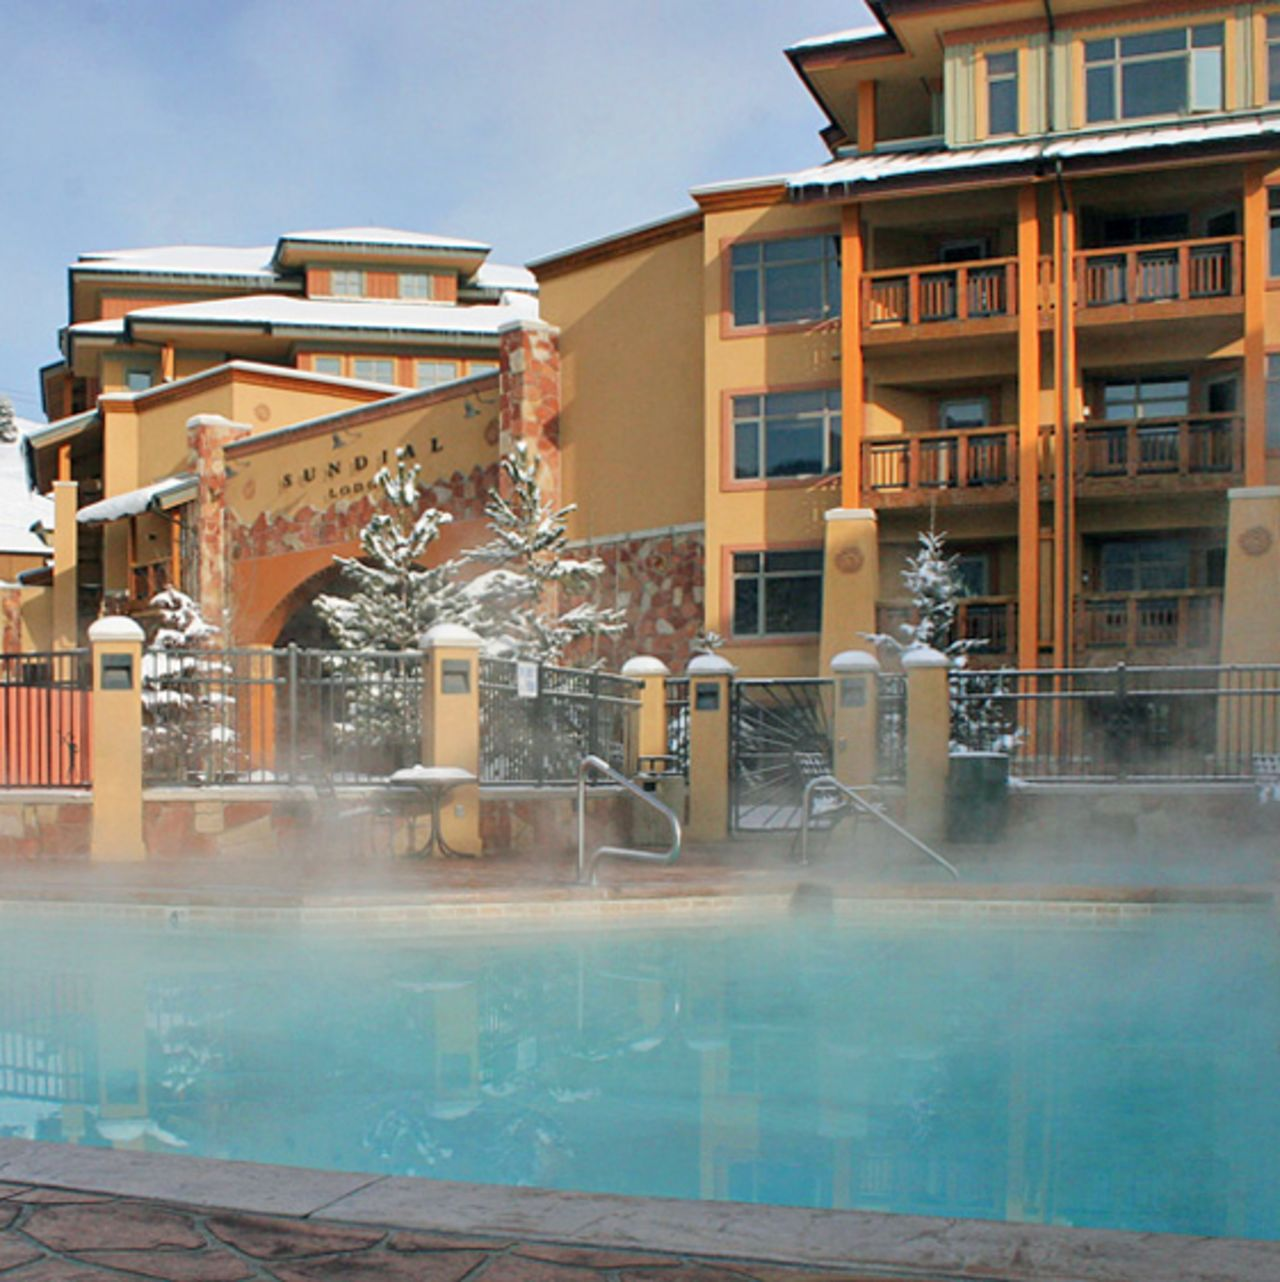 Hotel, Utah: Sundial Lodge